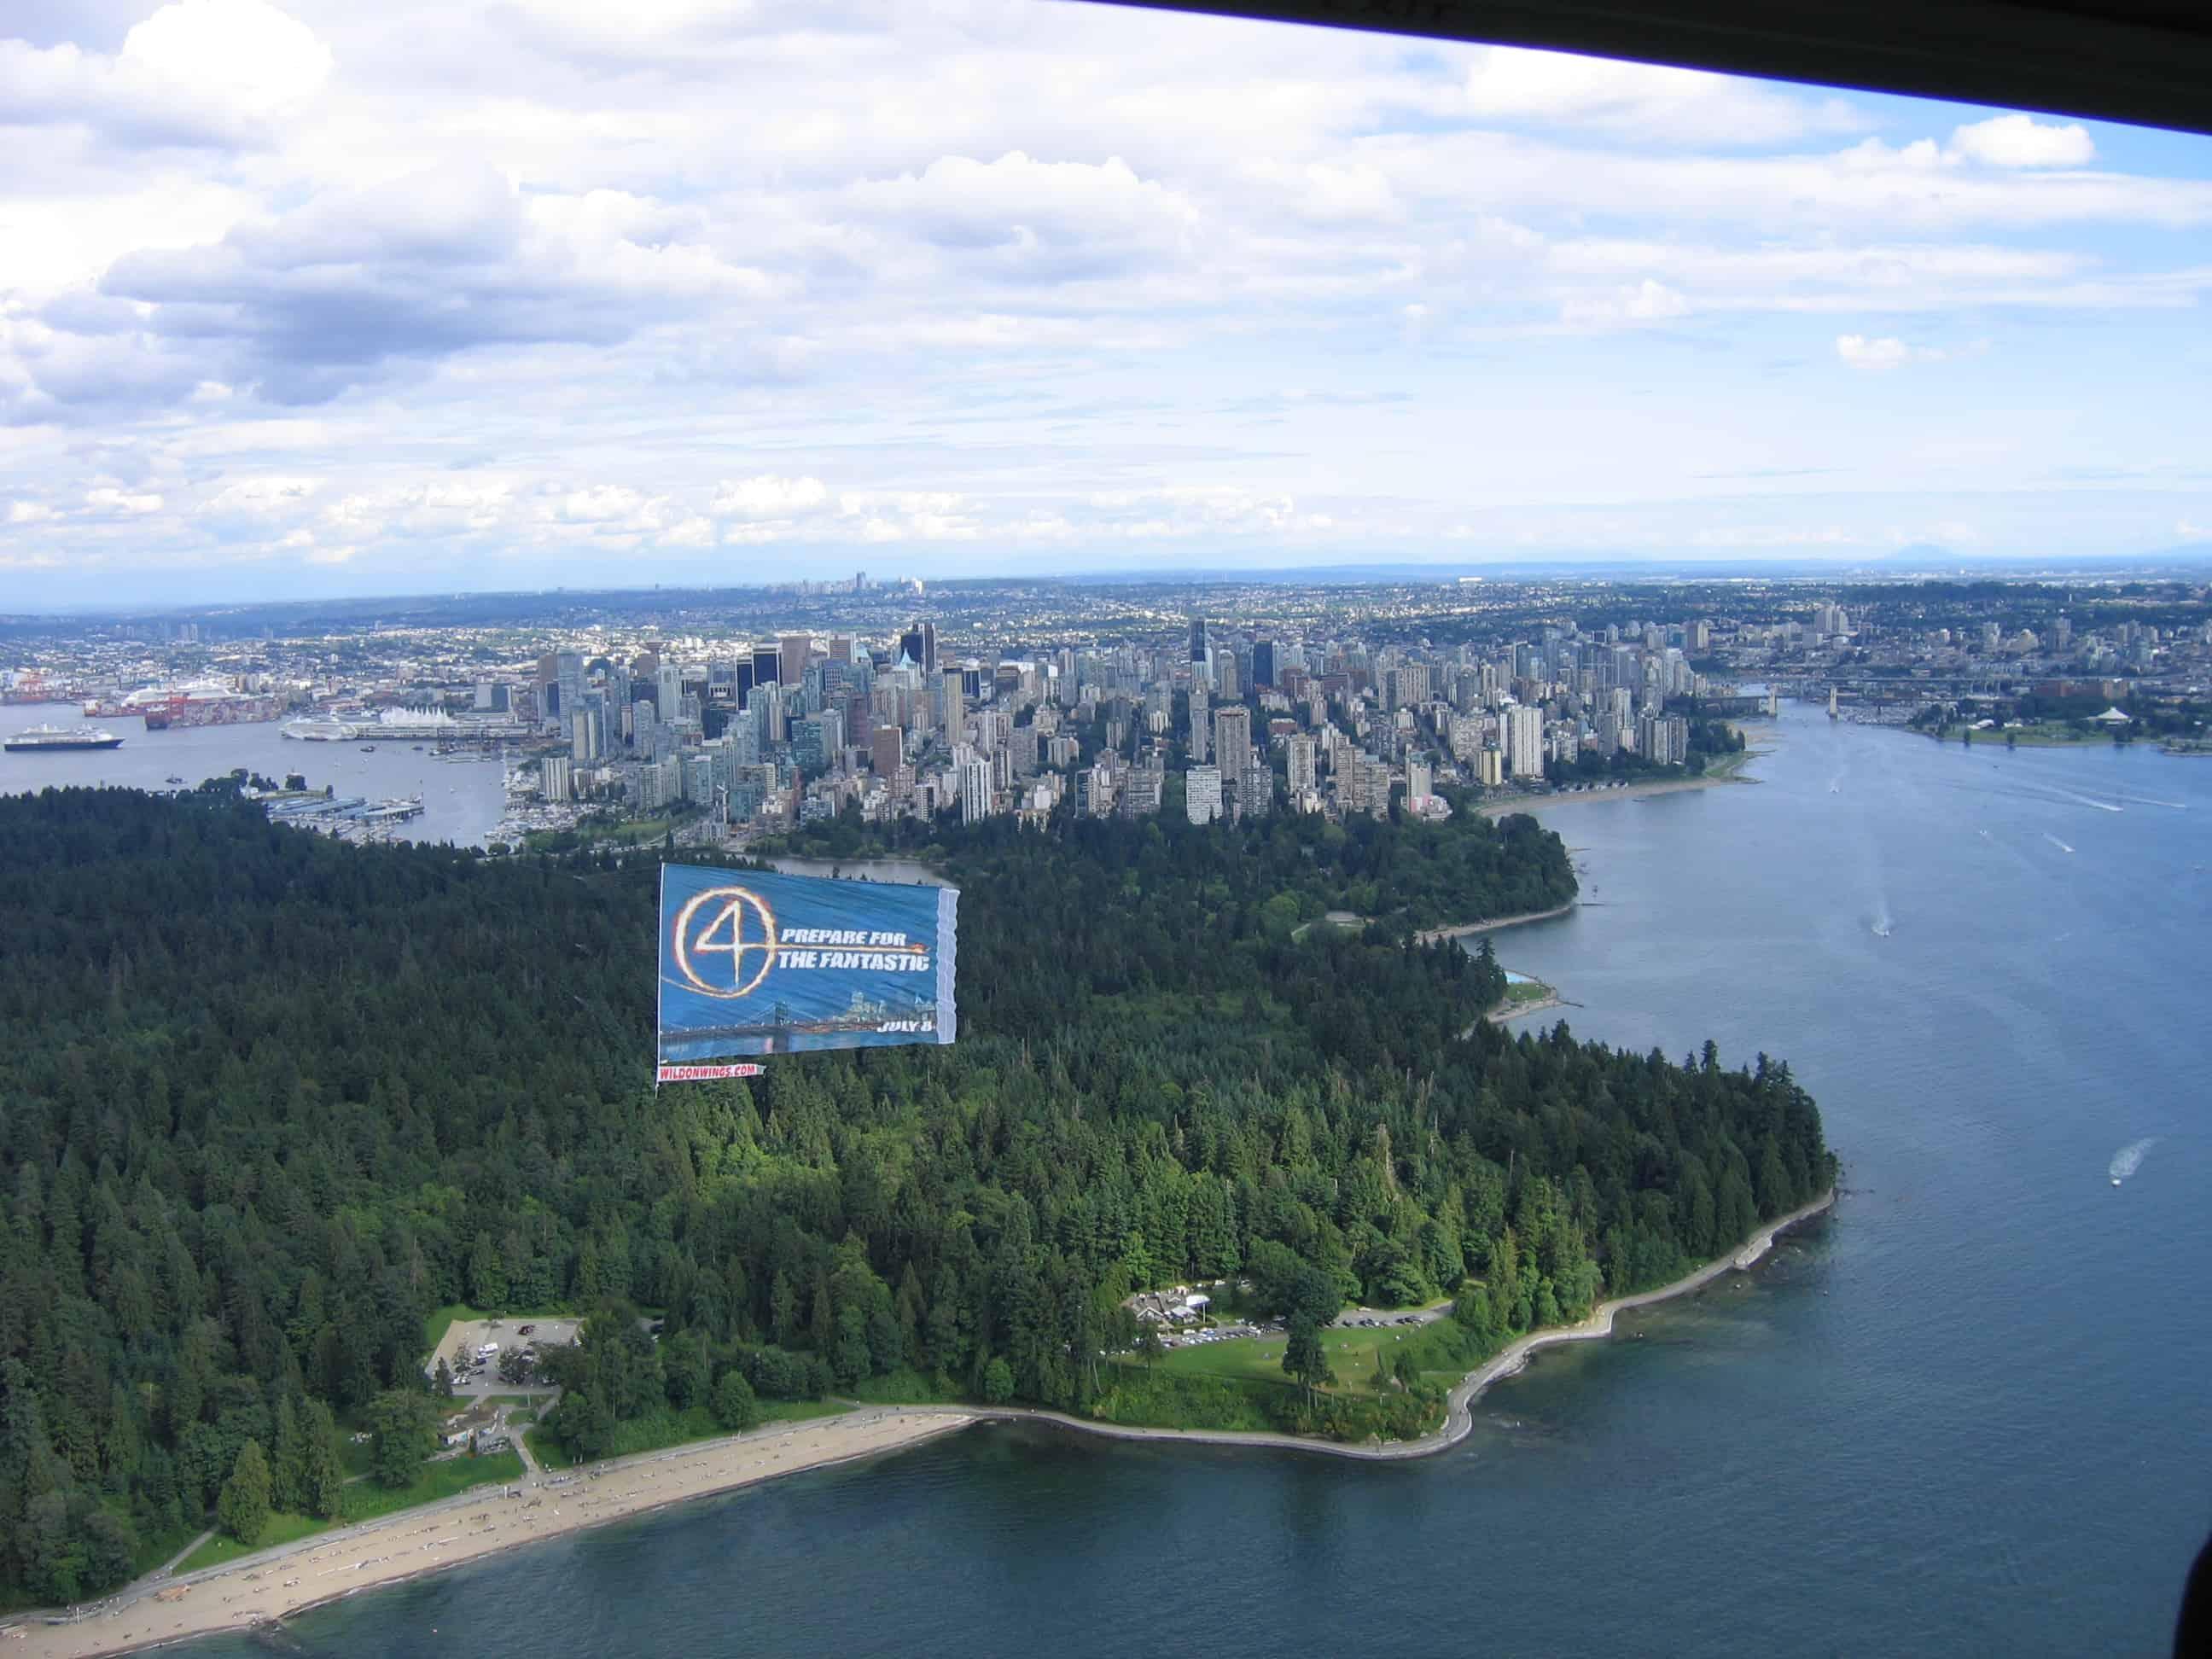 Aerial Advertising 20th Century Fox – Fantastic Four